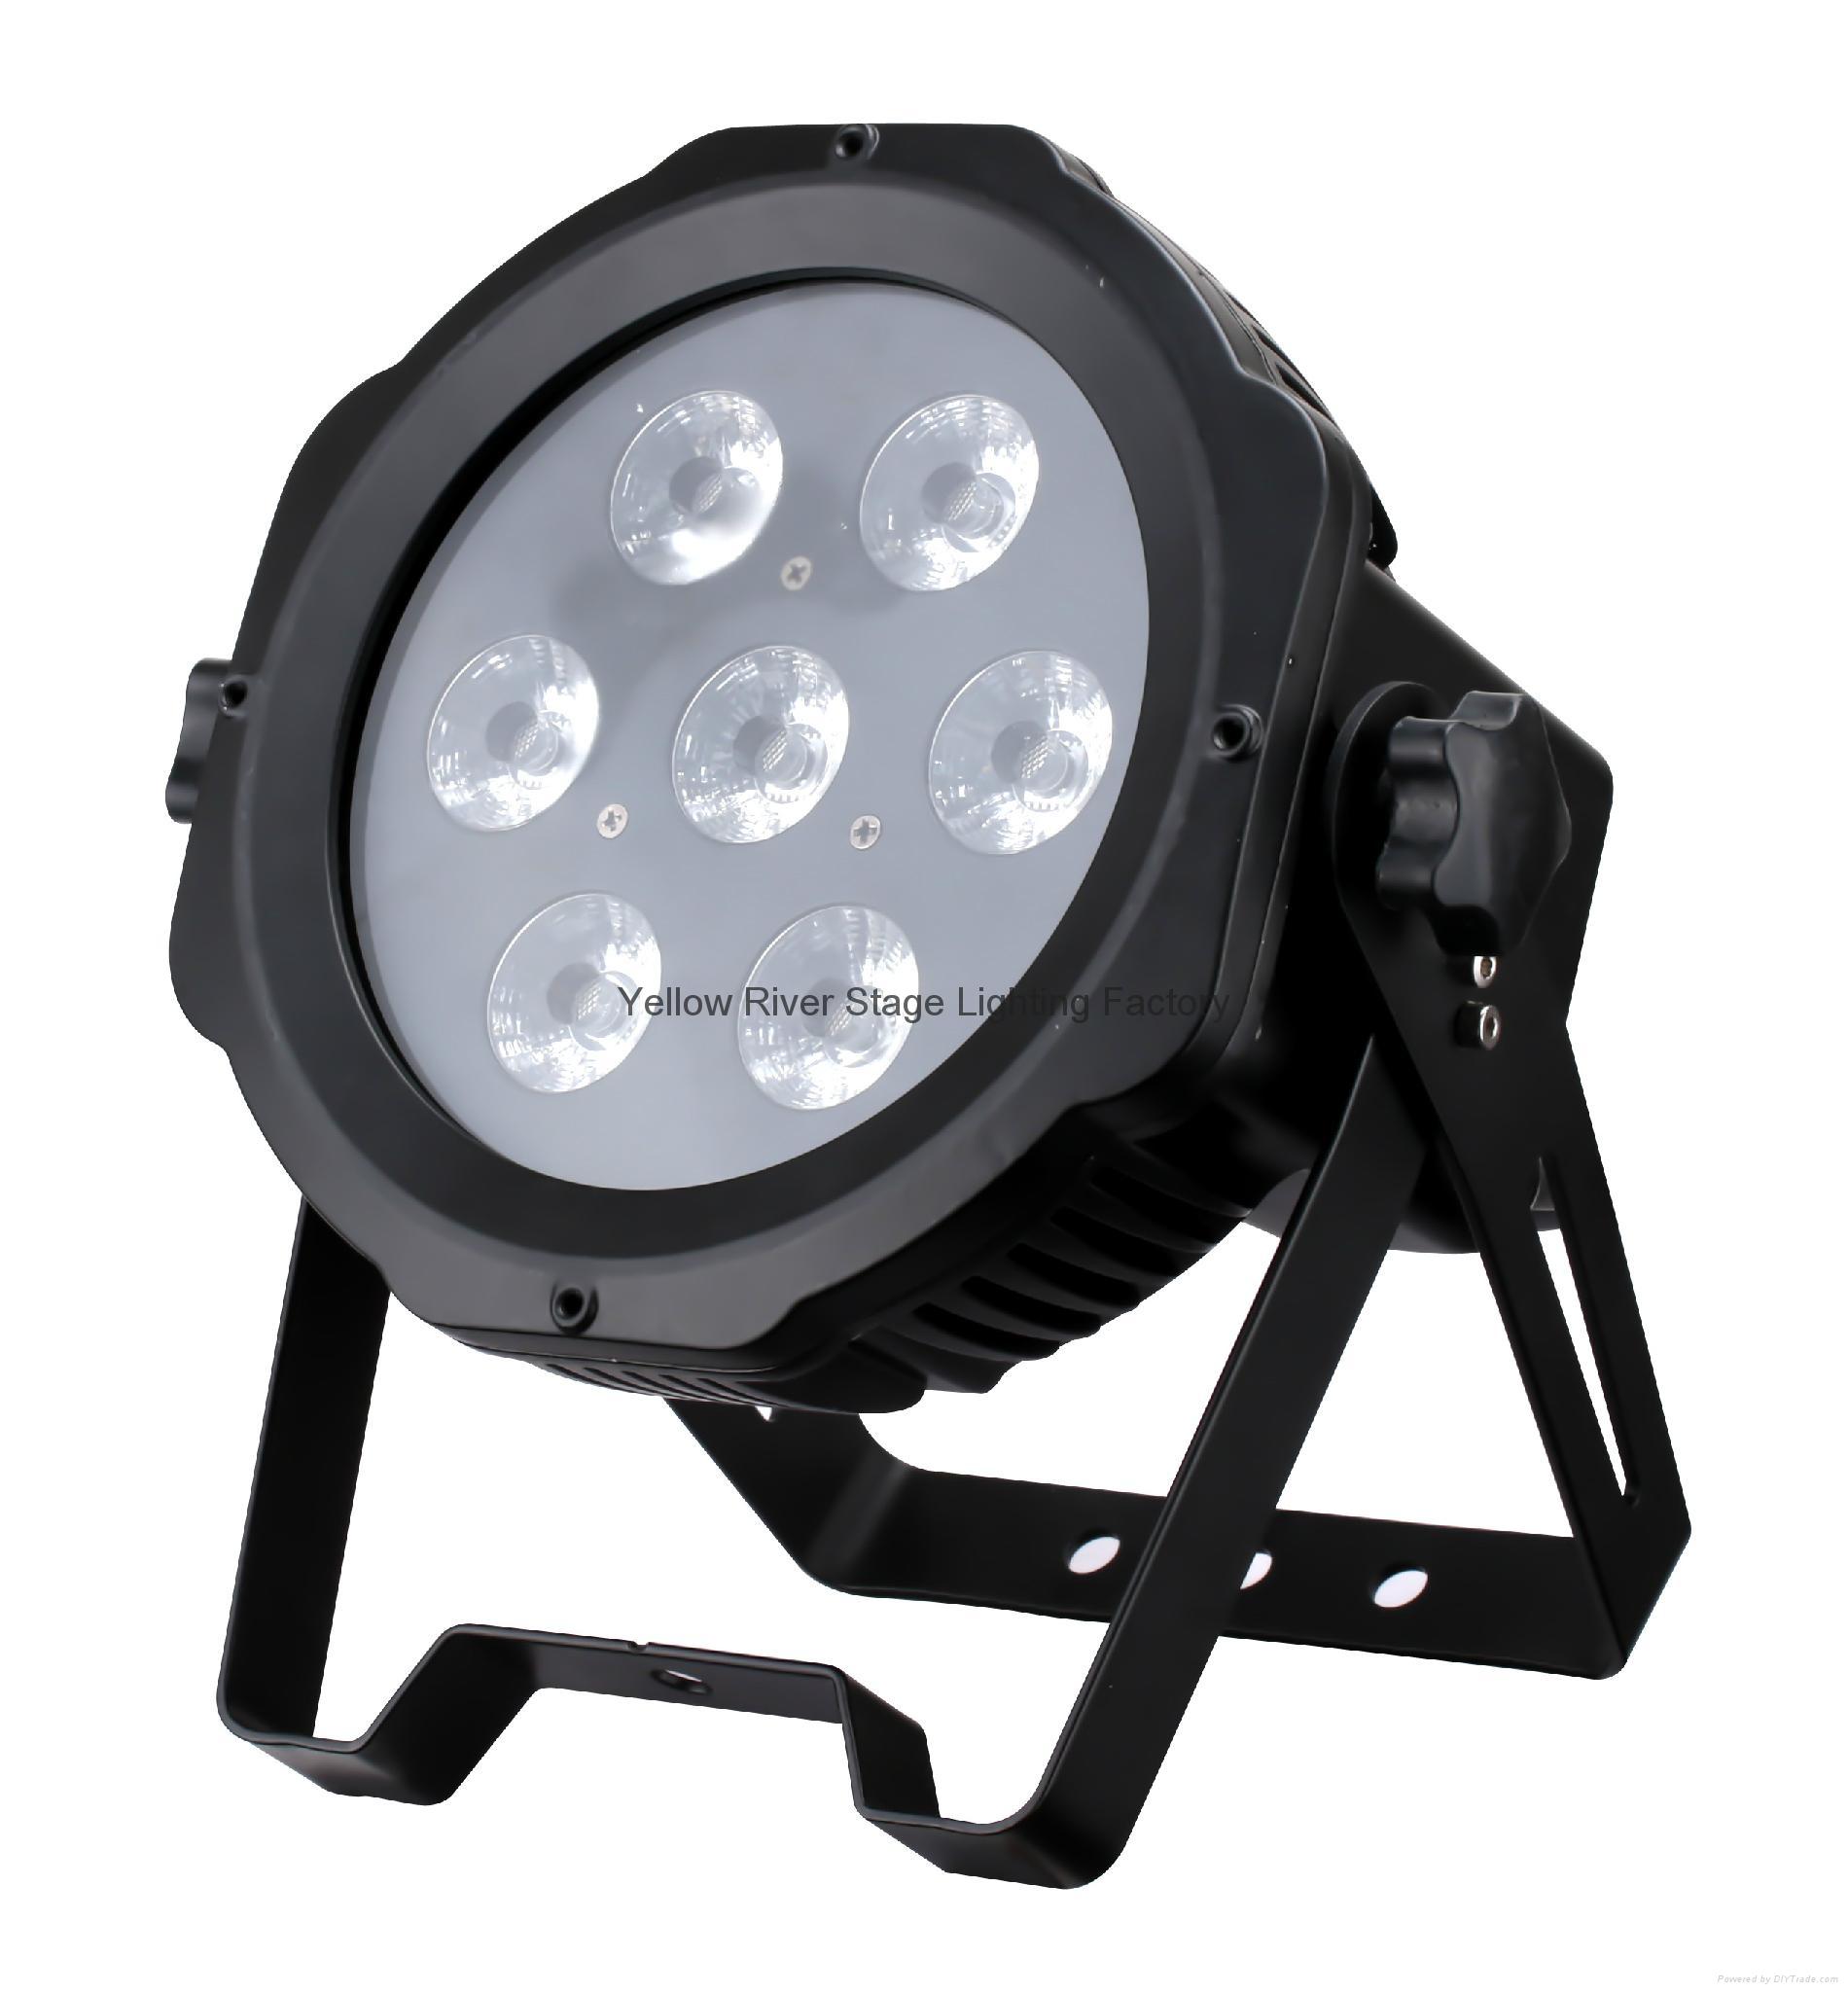 10WX7pcs  RGBWAUV 6IN1 OUTDOOR LED PAR